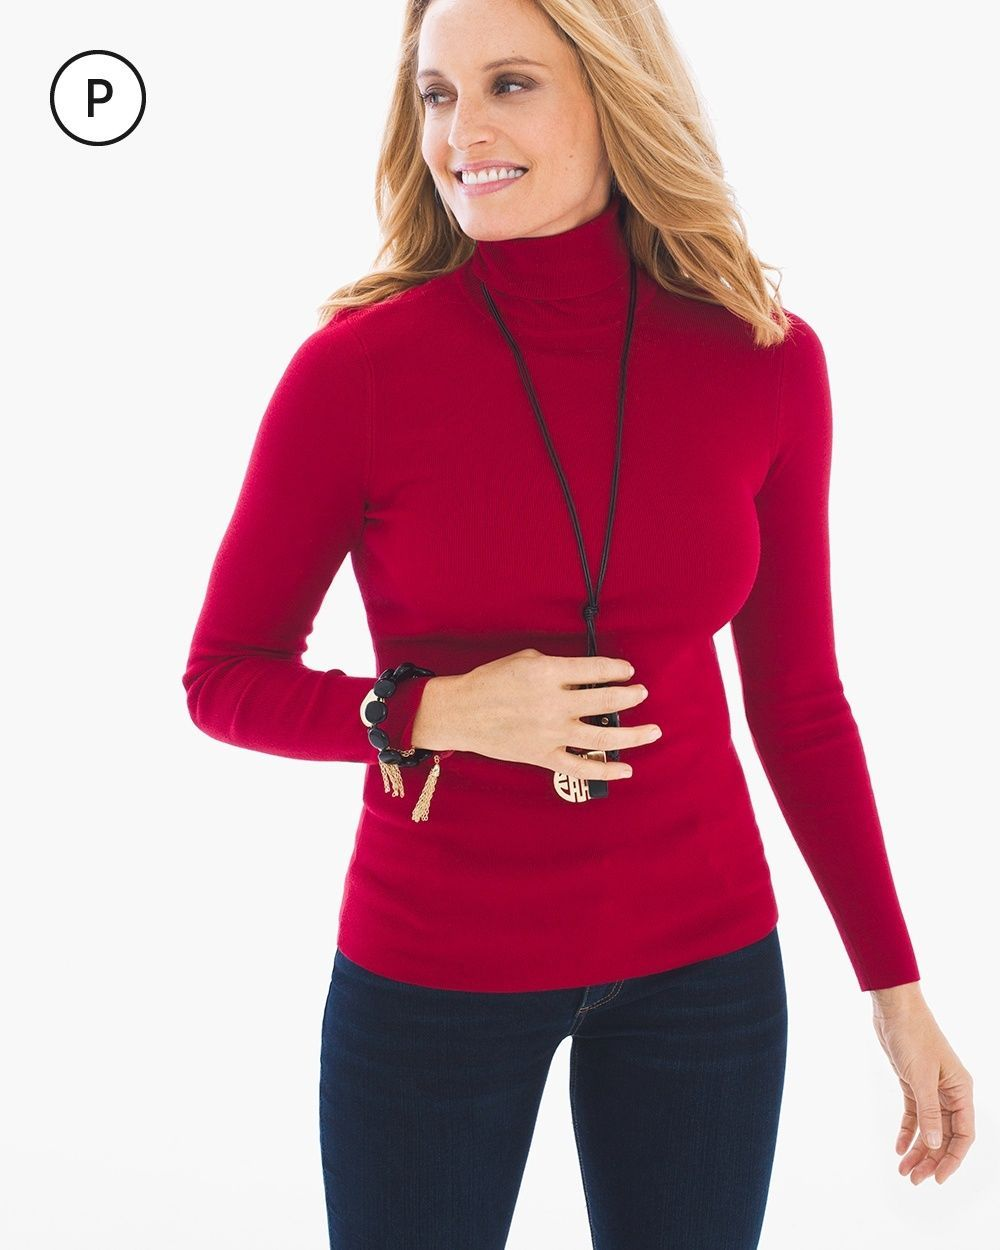 Chico's Women's Petite Rachel Turtleneck, Renaissance Red, Size: 3P (16P/18P XL)